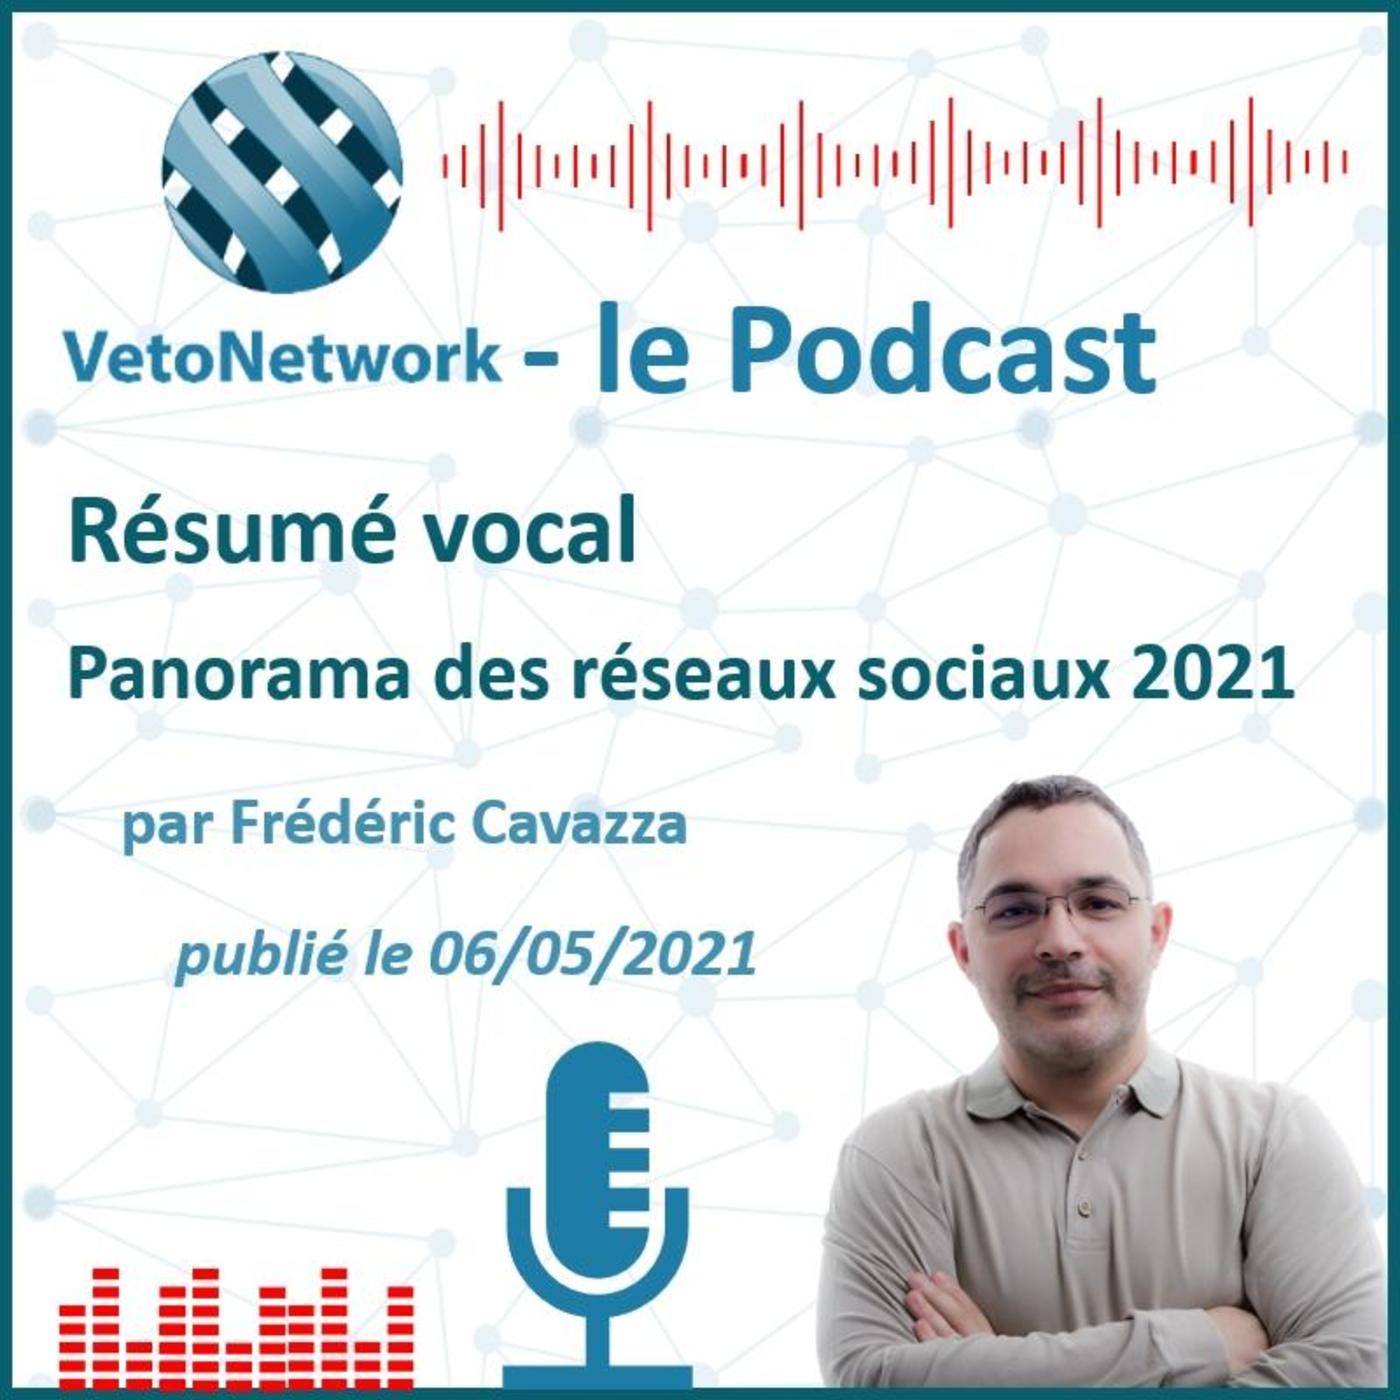 ⏩ Panorama des médiaux sociaux 2021 par Frédéric Cavazza